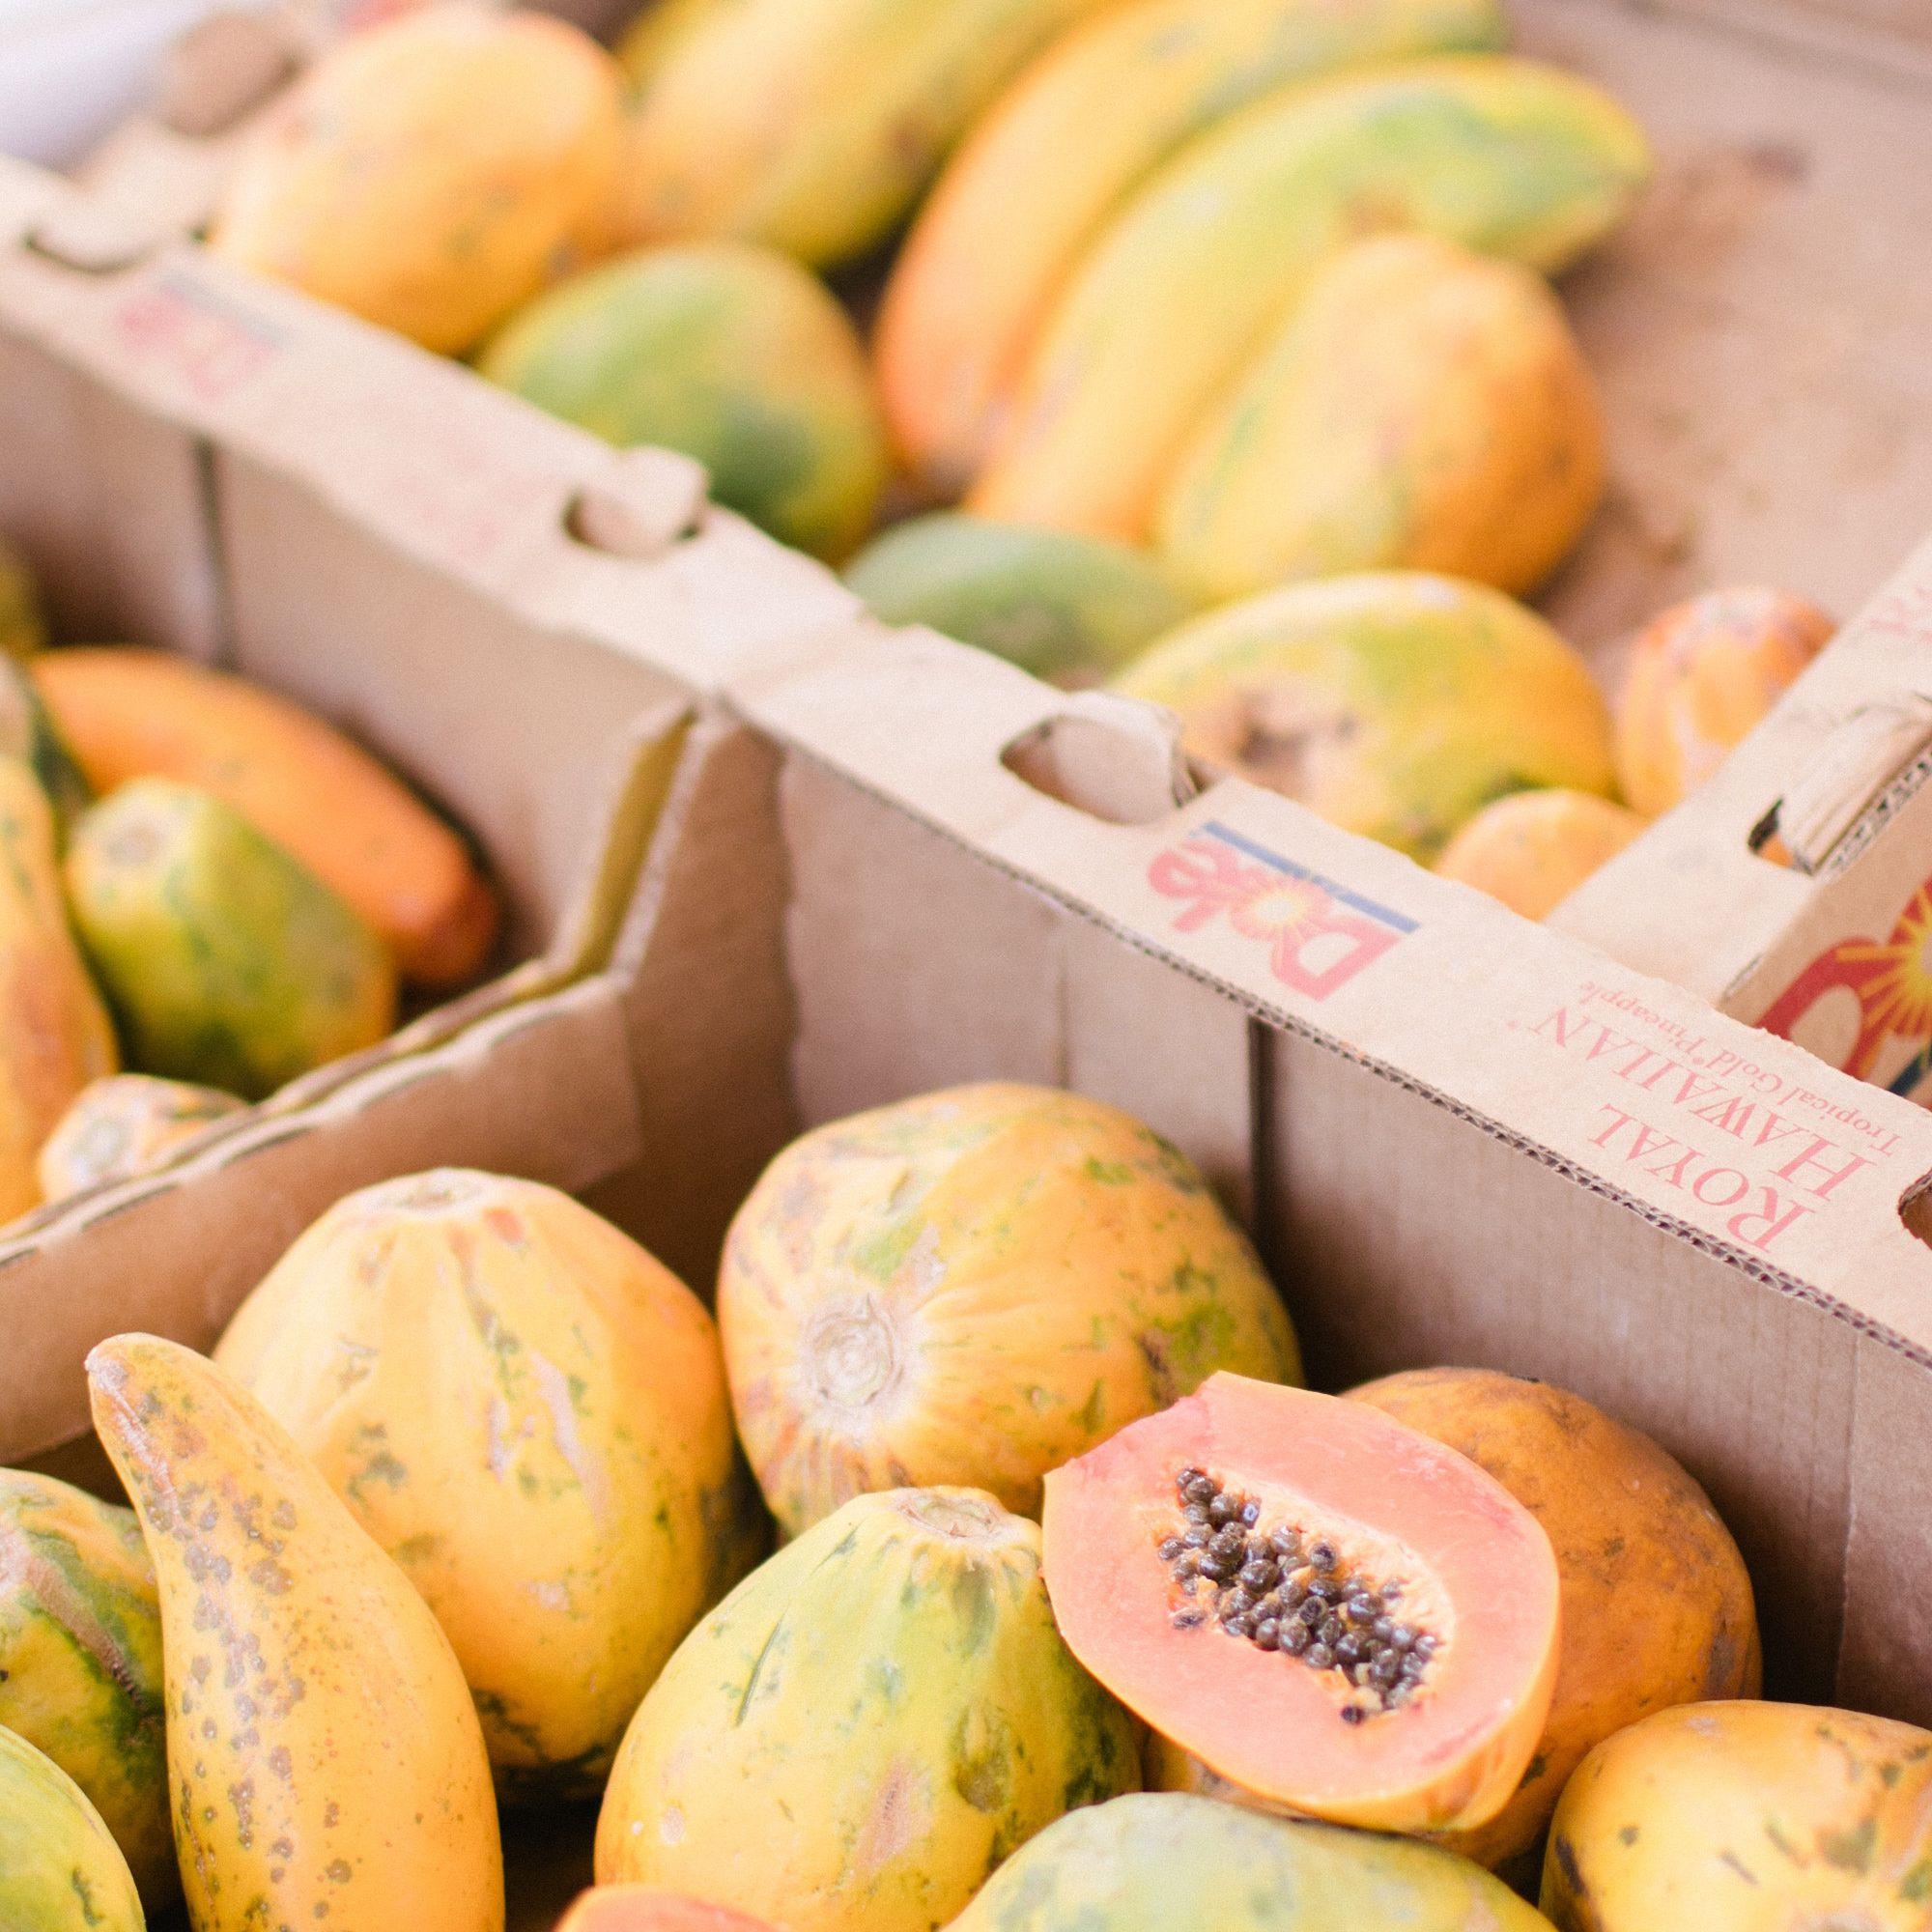 fruit diet one week